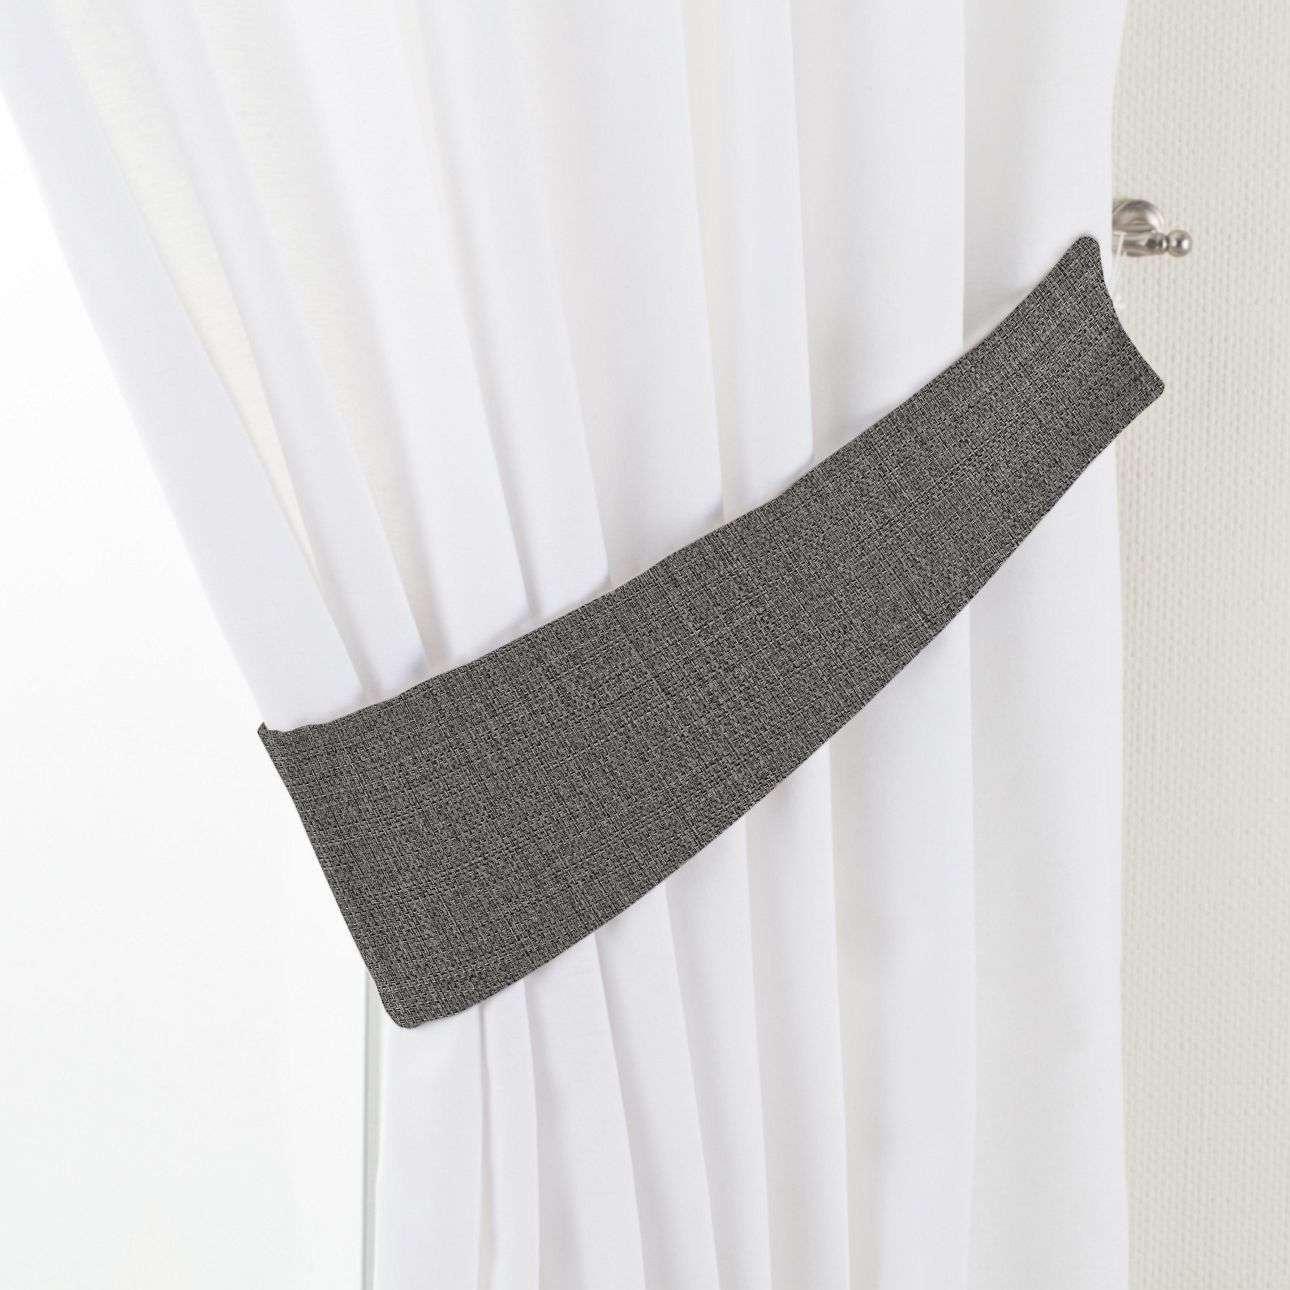 Raffhalter Victoria, dunkelgrau, 12 × 70 cm, Blackout (verdunkelnd) | Heimtextilien > Gardinen und Vorhänge > Raffhalter | Dekoria